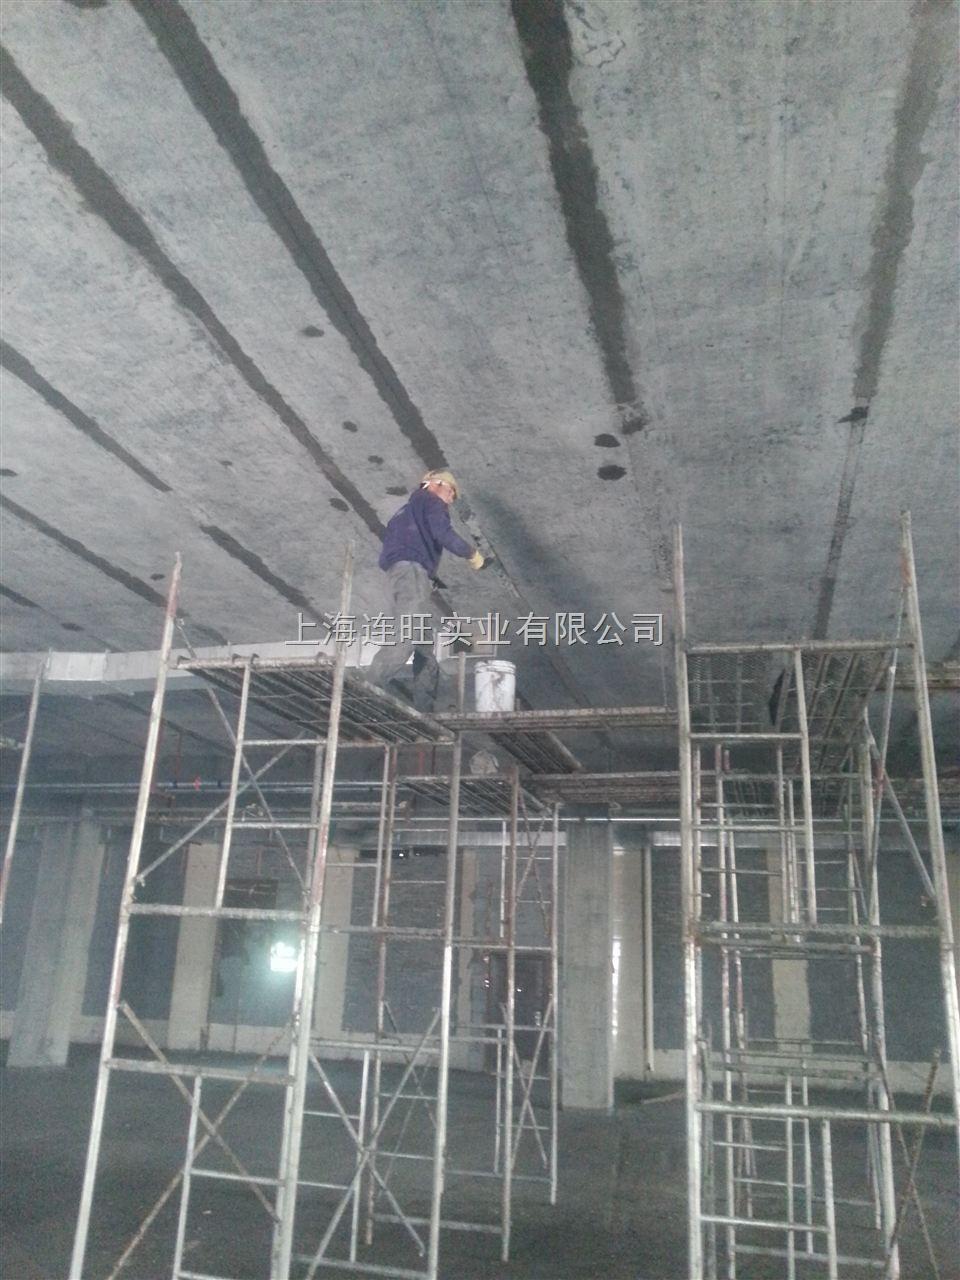 """您只需提供设计图纸,我就能还你美丽梦想 昆山碳纤维加固公司楼板裂缝加固&&梁板粘贴碳纤维布加固上海连旺建筑加固公司承接全国各地各种加固工程,裂缝加固房屋加固桥梁加固,植筋加固粘钢加固,碳纤维加固等加固工程,全国统一价格;公司全体员工精诚团结,以""""尊重规范,超越平凡""""为宗旨,为客户提供高质量的设计、施工一体化服务。 基本业务: 1、承接以下工程: 建筑结构加固补强:植筋加固、粘钢加固、碳纤维加固、芳纶布加固、隧道钢环加固、植筋锚固、粘钢板、粘贴碳纤维布、修补裂缝、防水"""